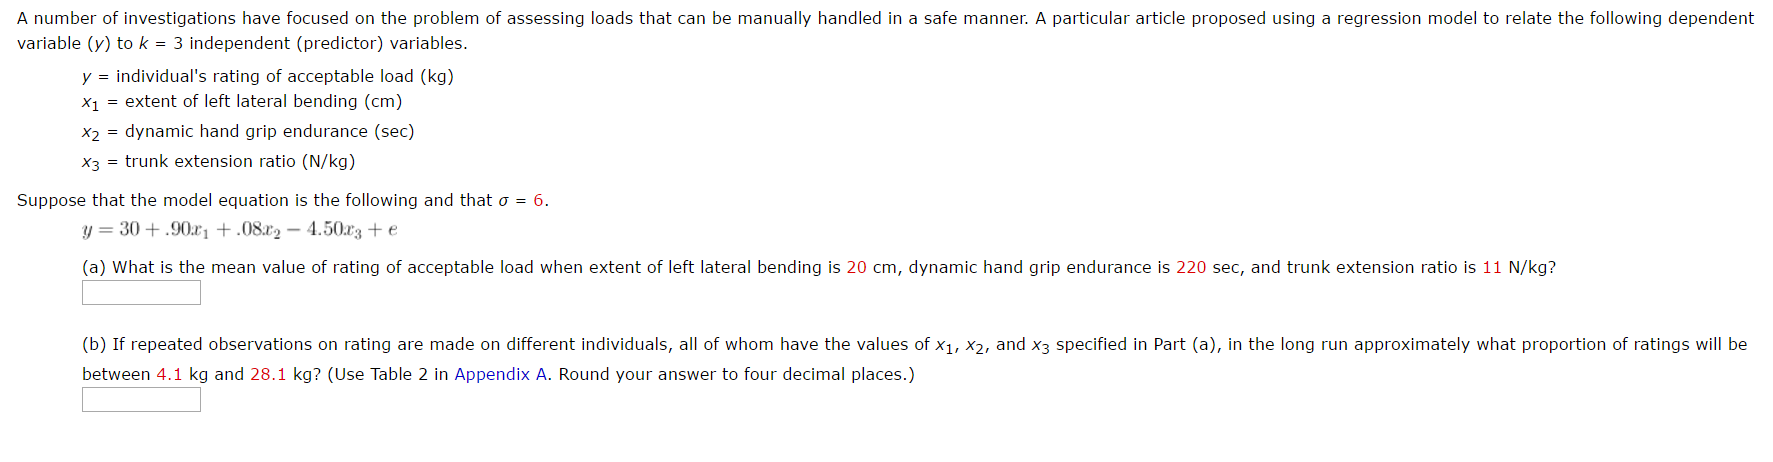 How To Calculate A Gpa Average 87 F11c91c00d6d3ffb5c249edc019b78d7g